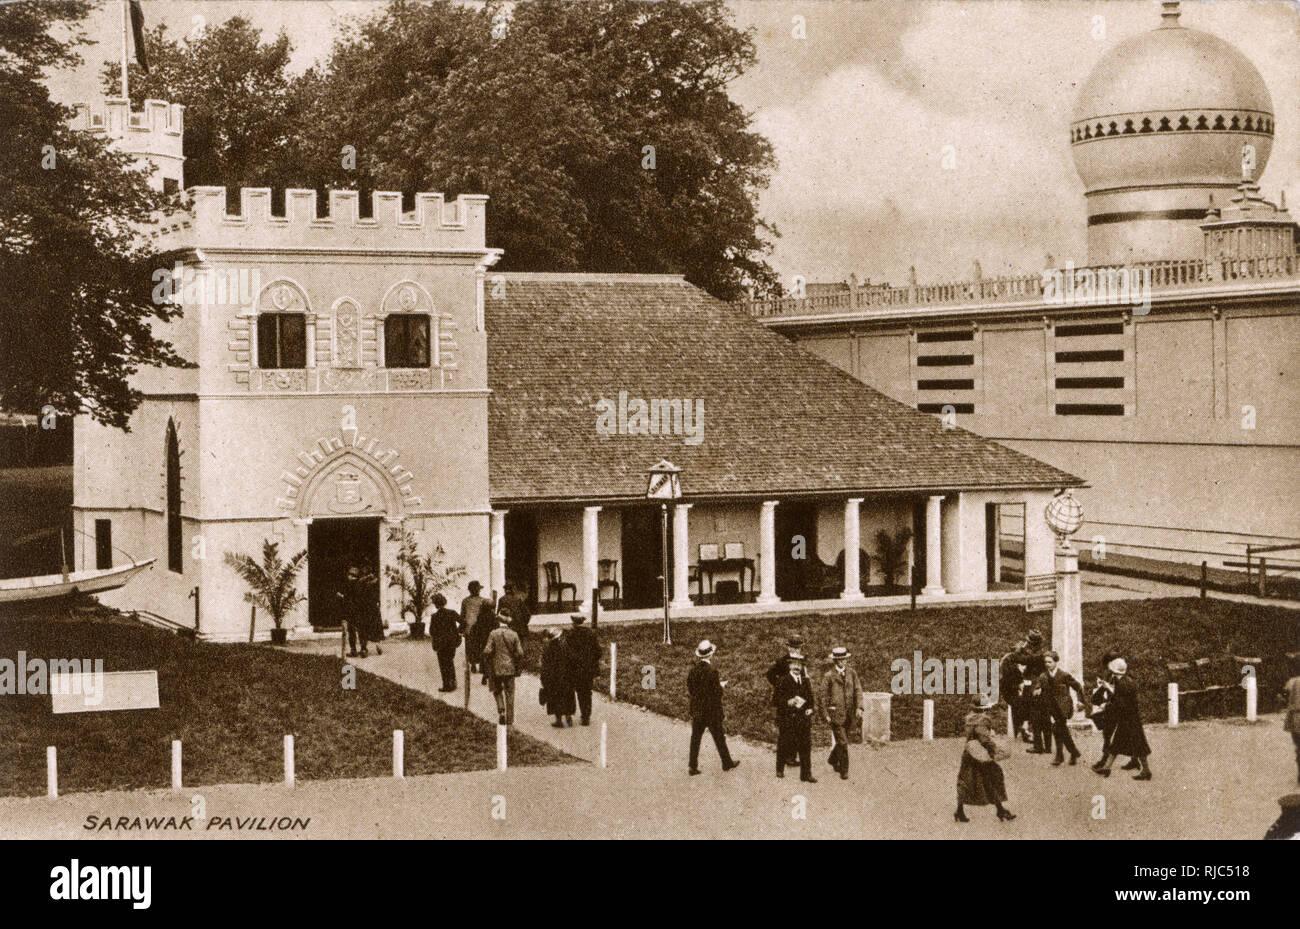 British Empire Exhibition - Wembley - Sarawak (Malaysia) Pavilion. - Stock Image